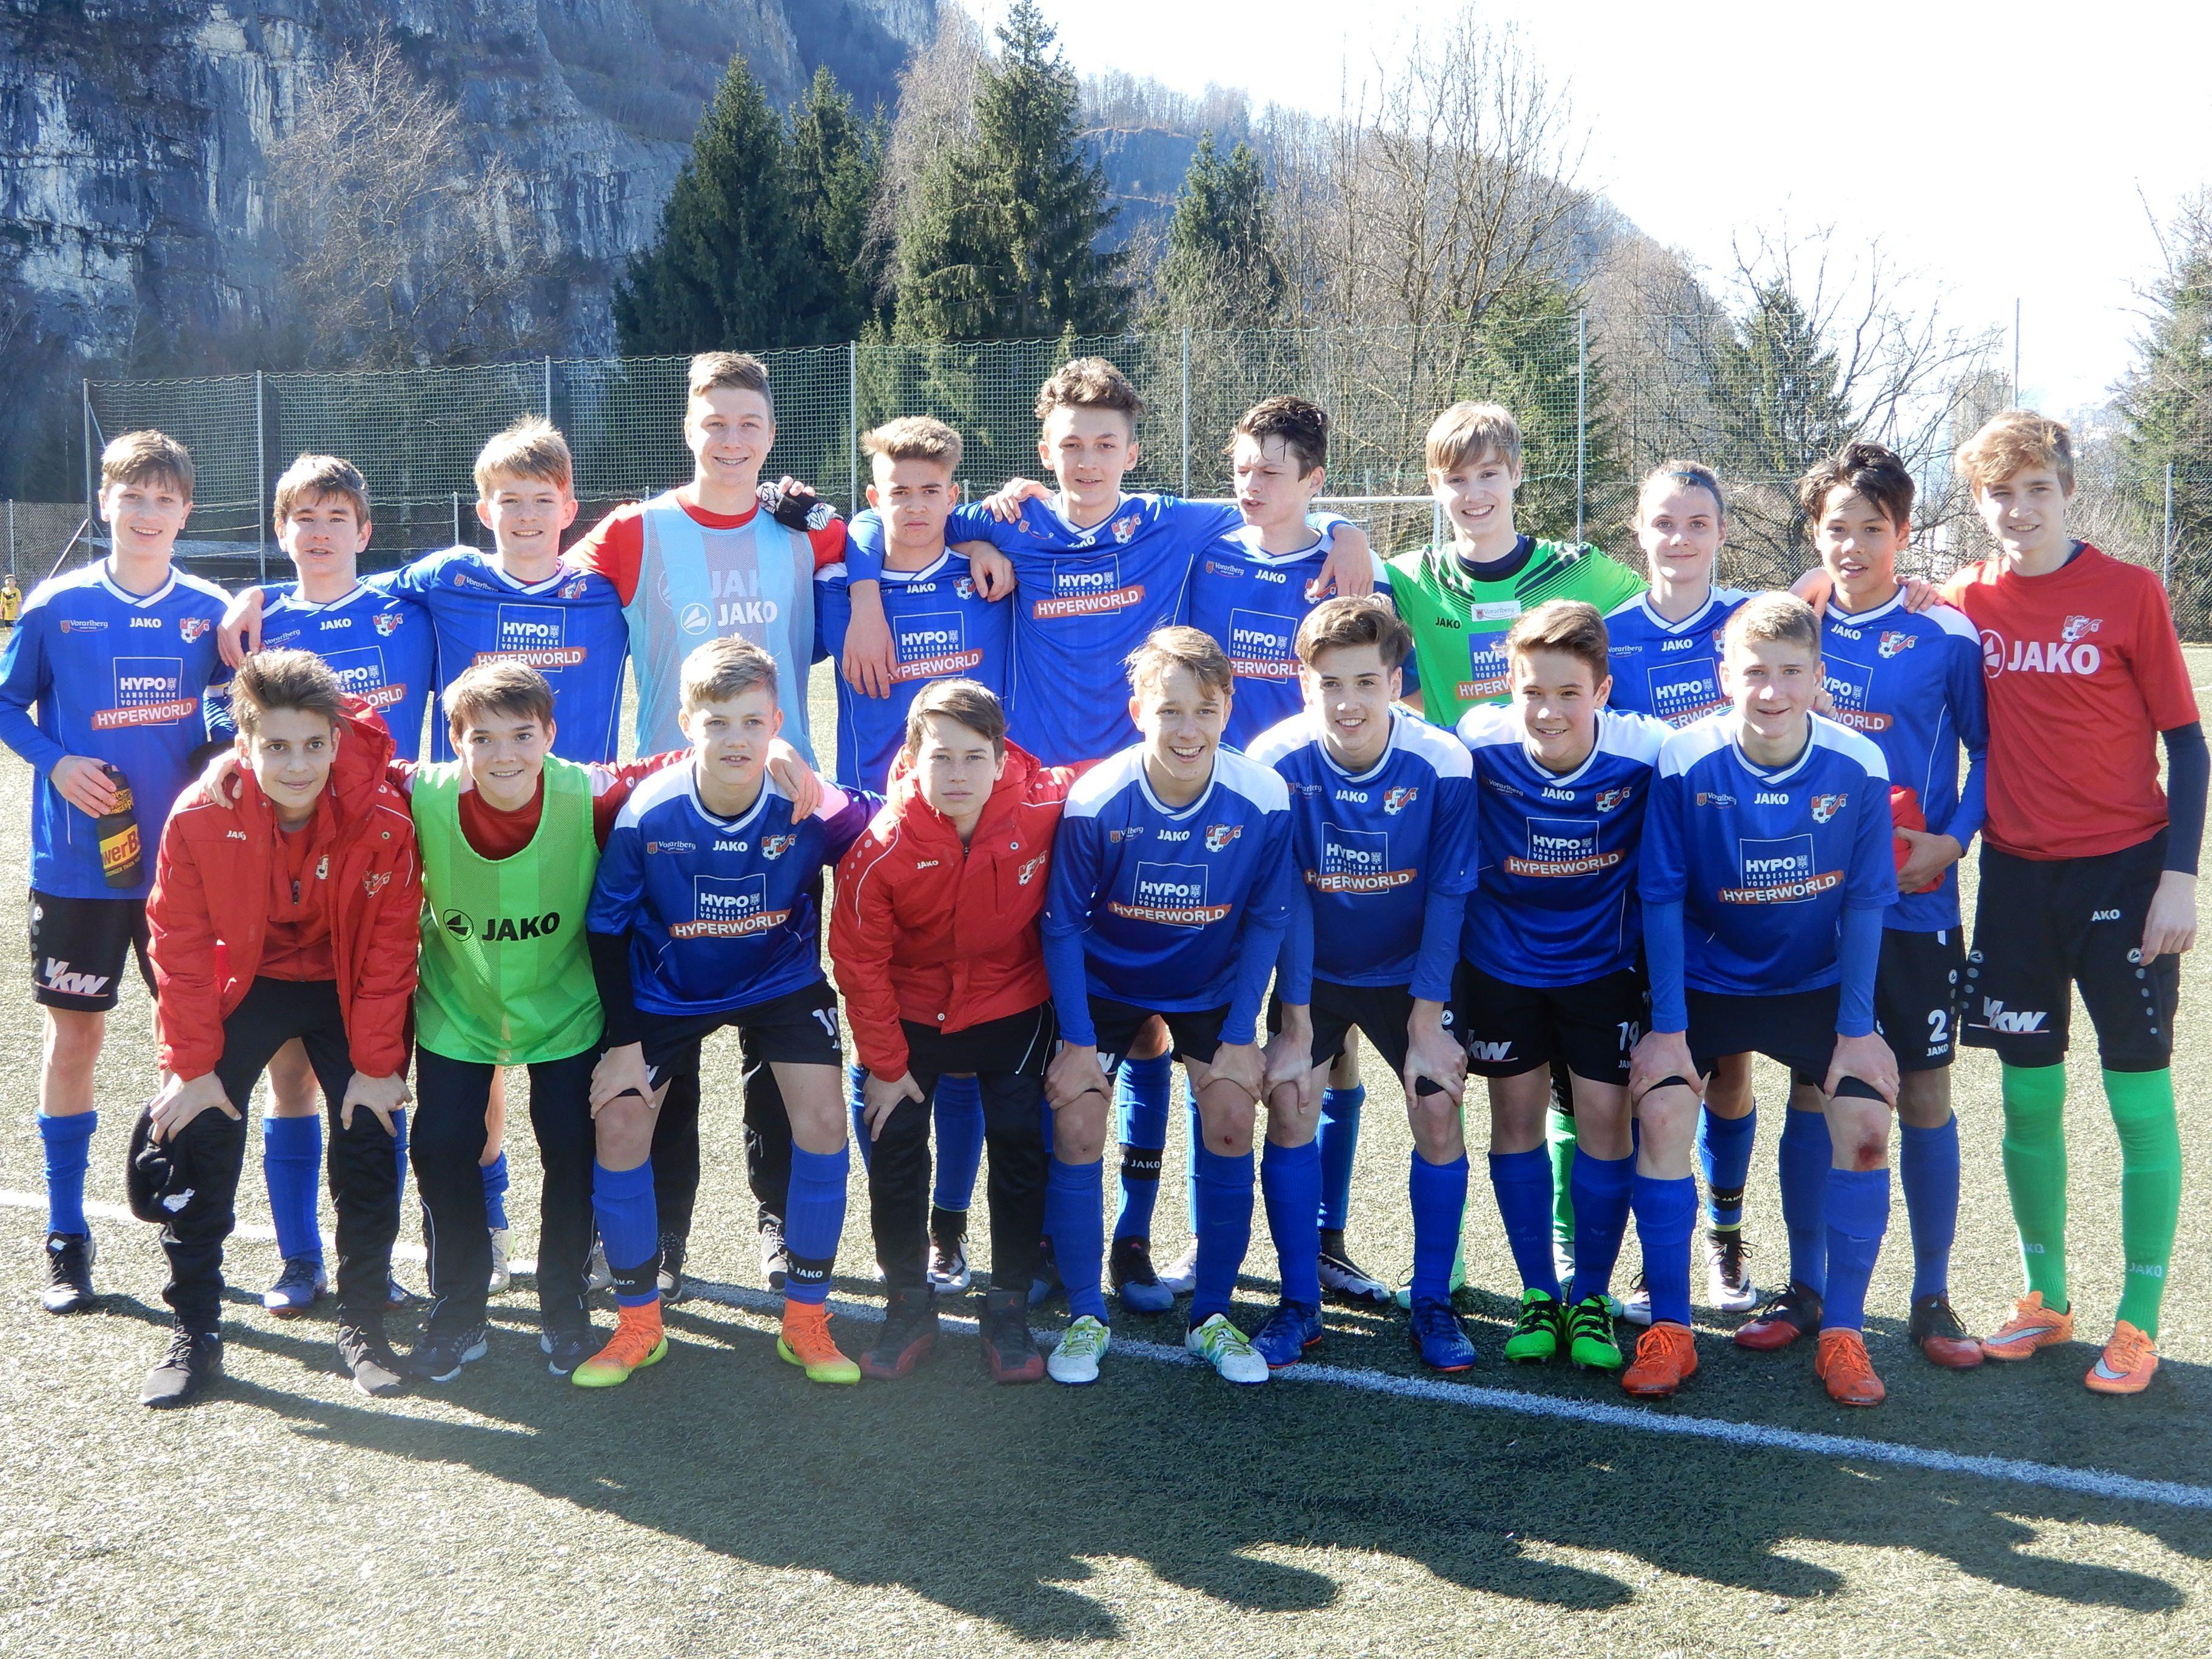 Besser hätte die Frühjahrssaison für die AKA U15 nicht beginnen können - das erste Spiel gegen den WAC ging 3:0 an die Vorarlberger.